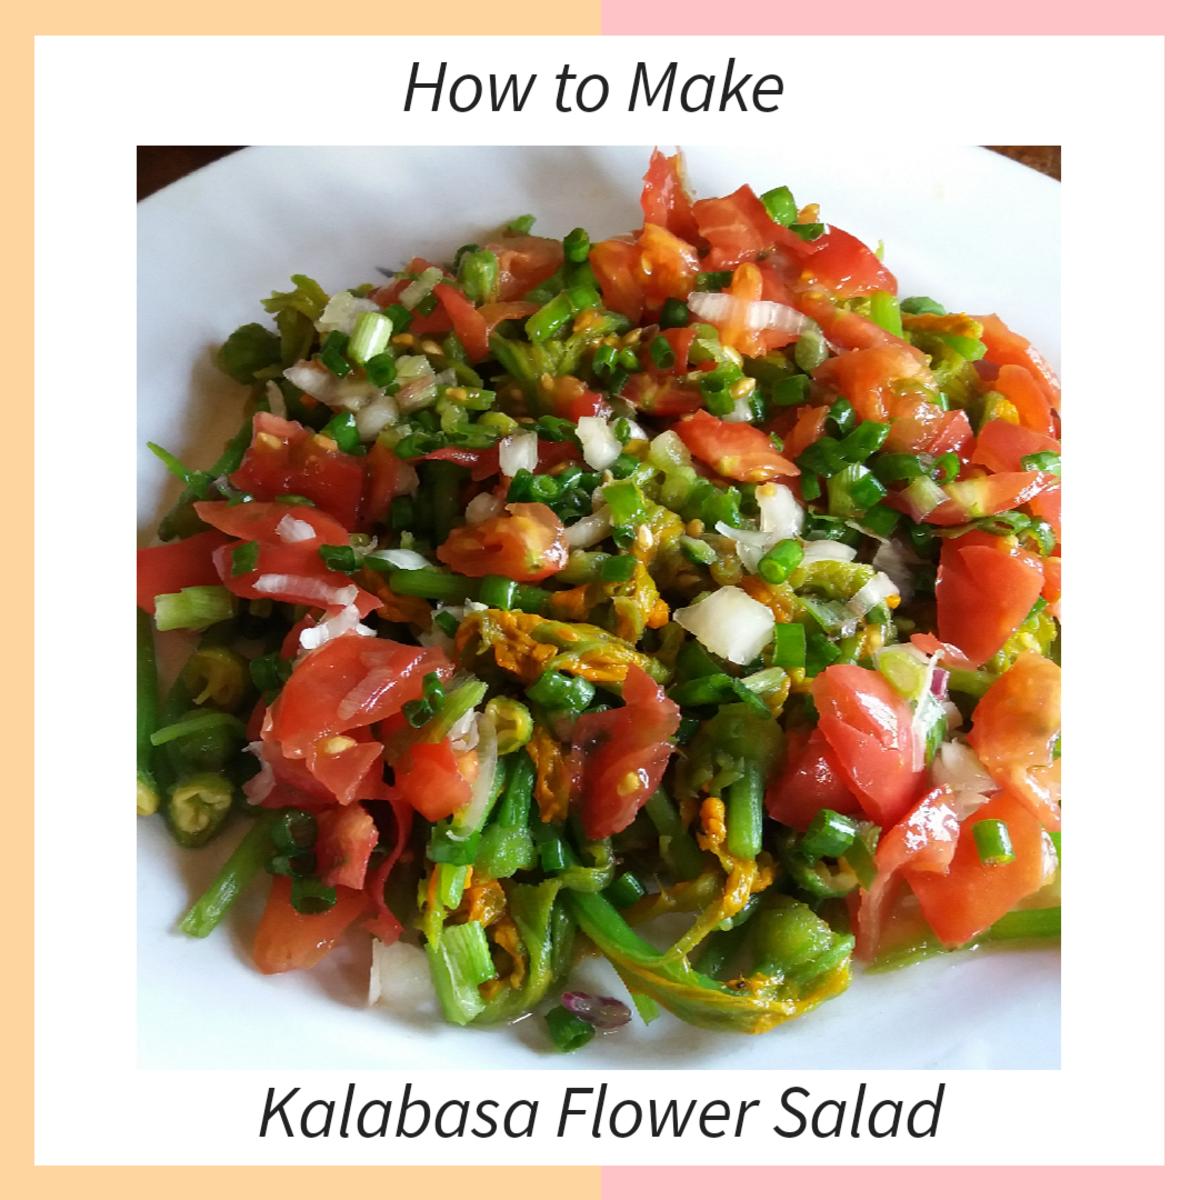 How to Make Kalabasa Flower Salad